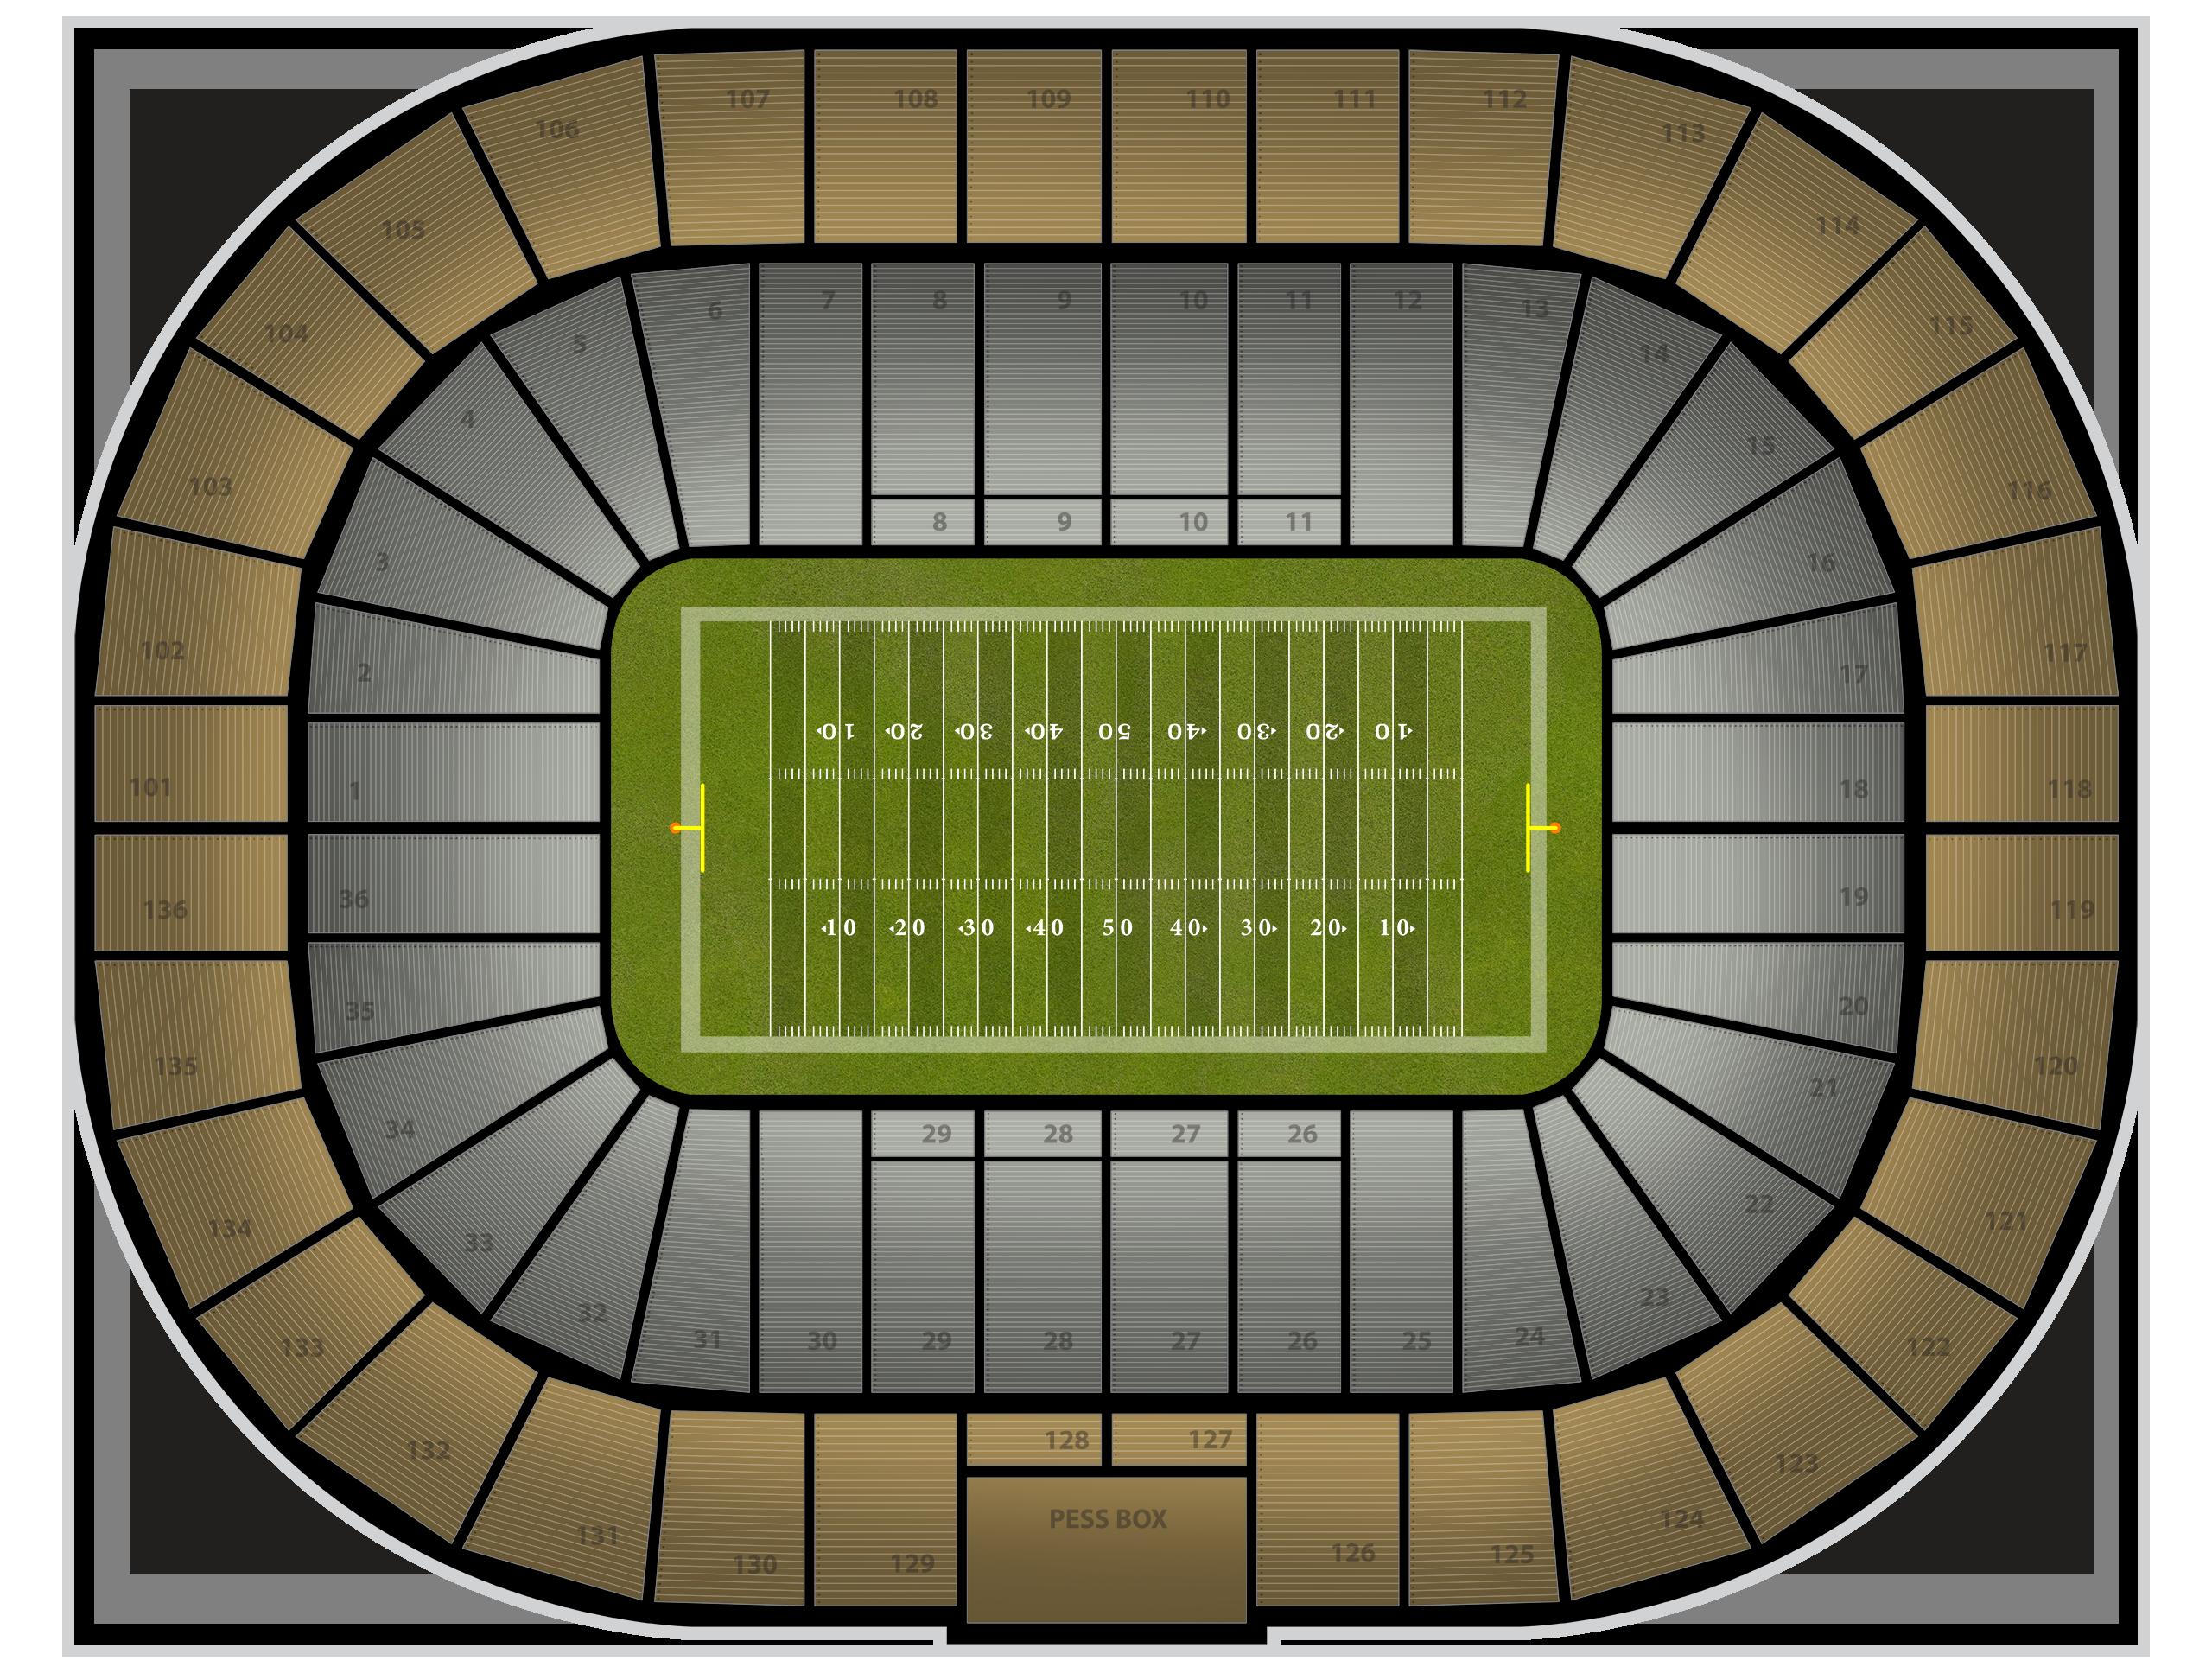 Notre Dame Stadium Tickets